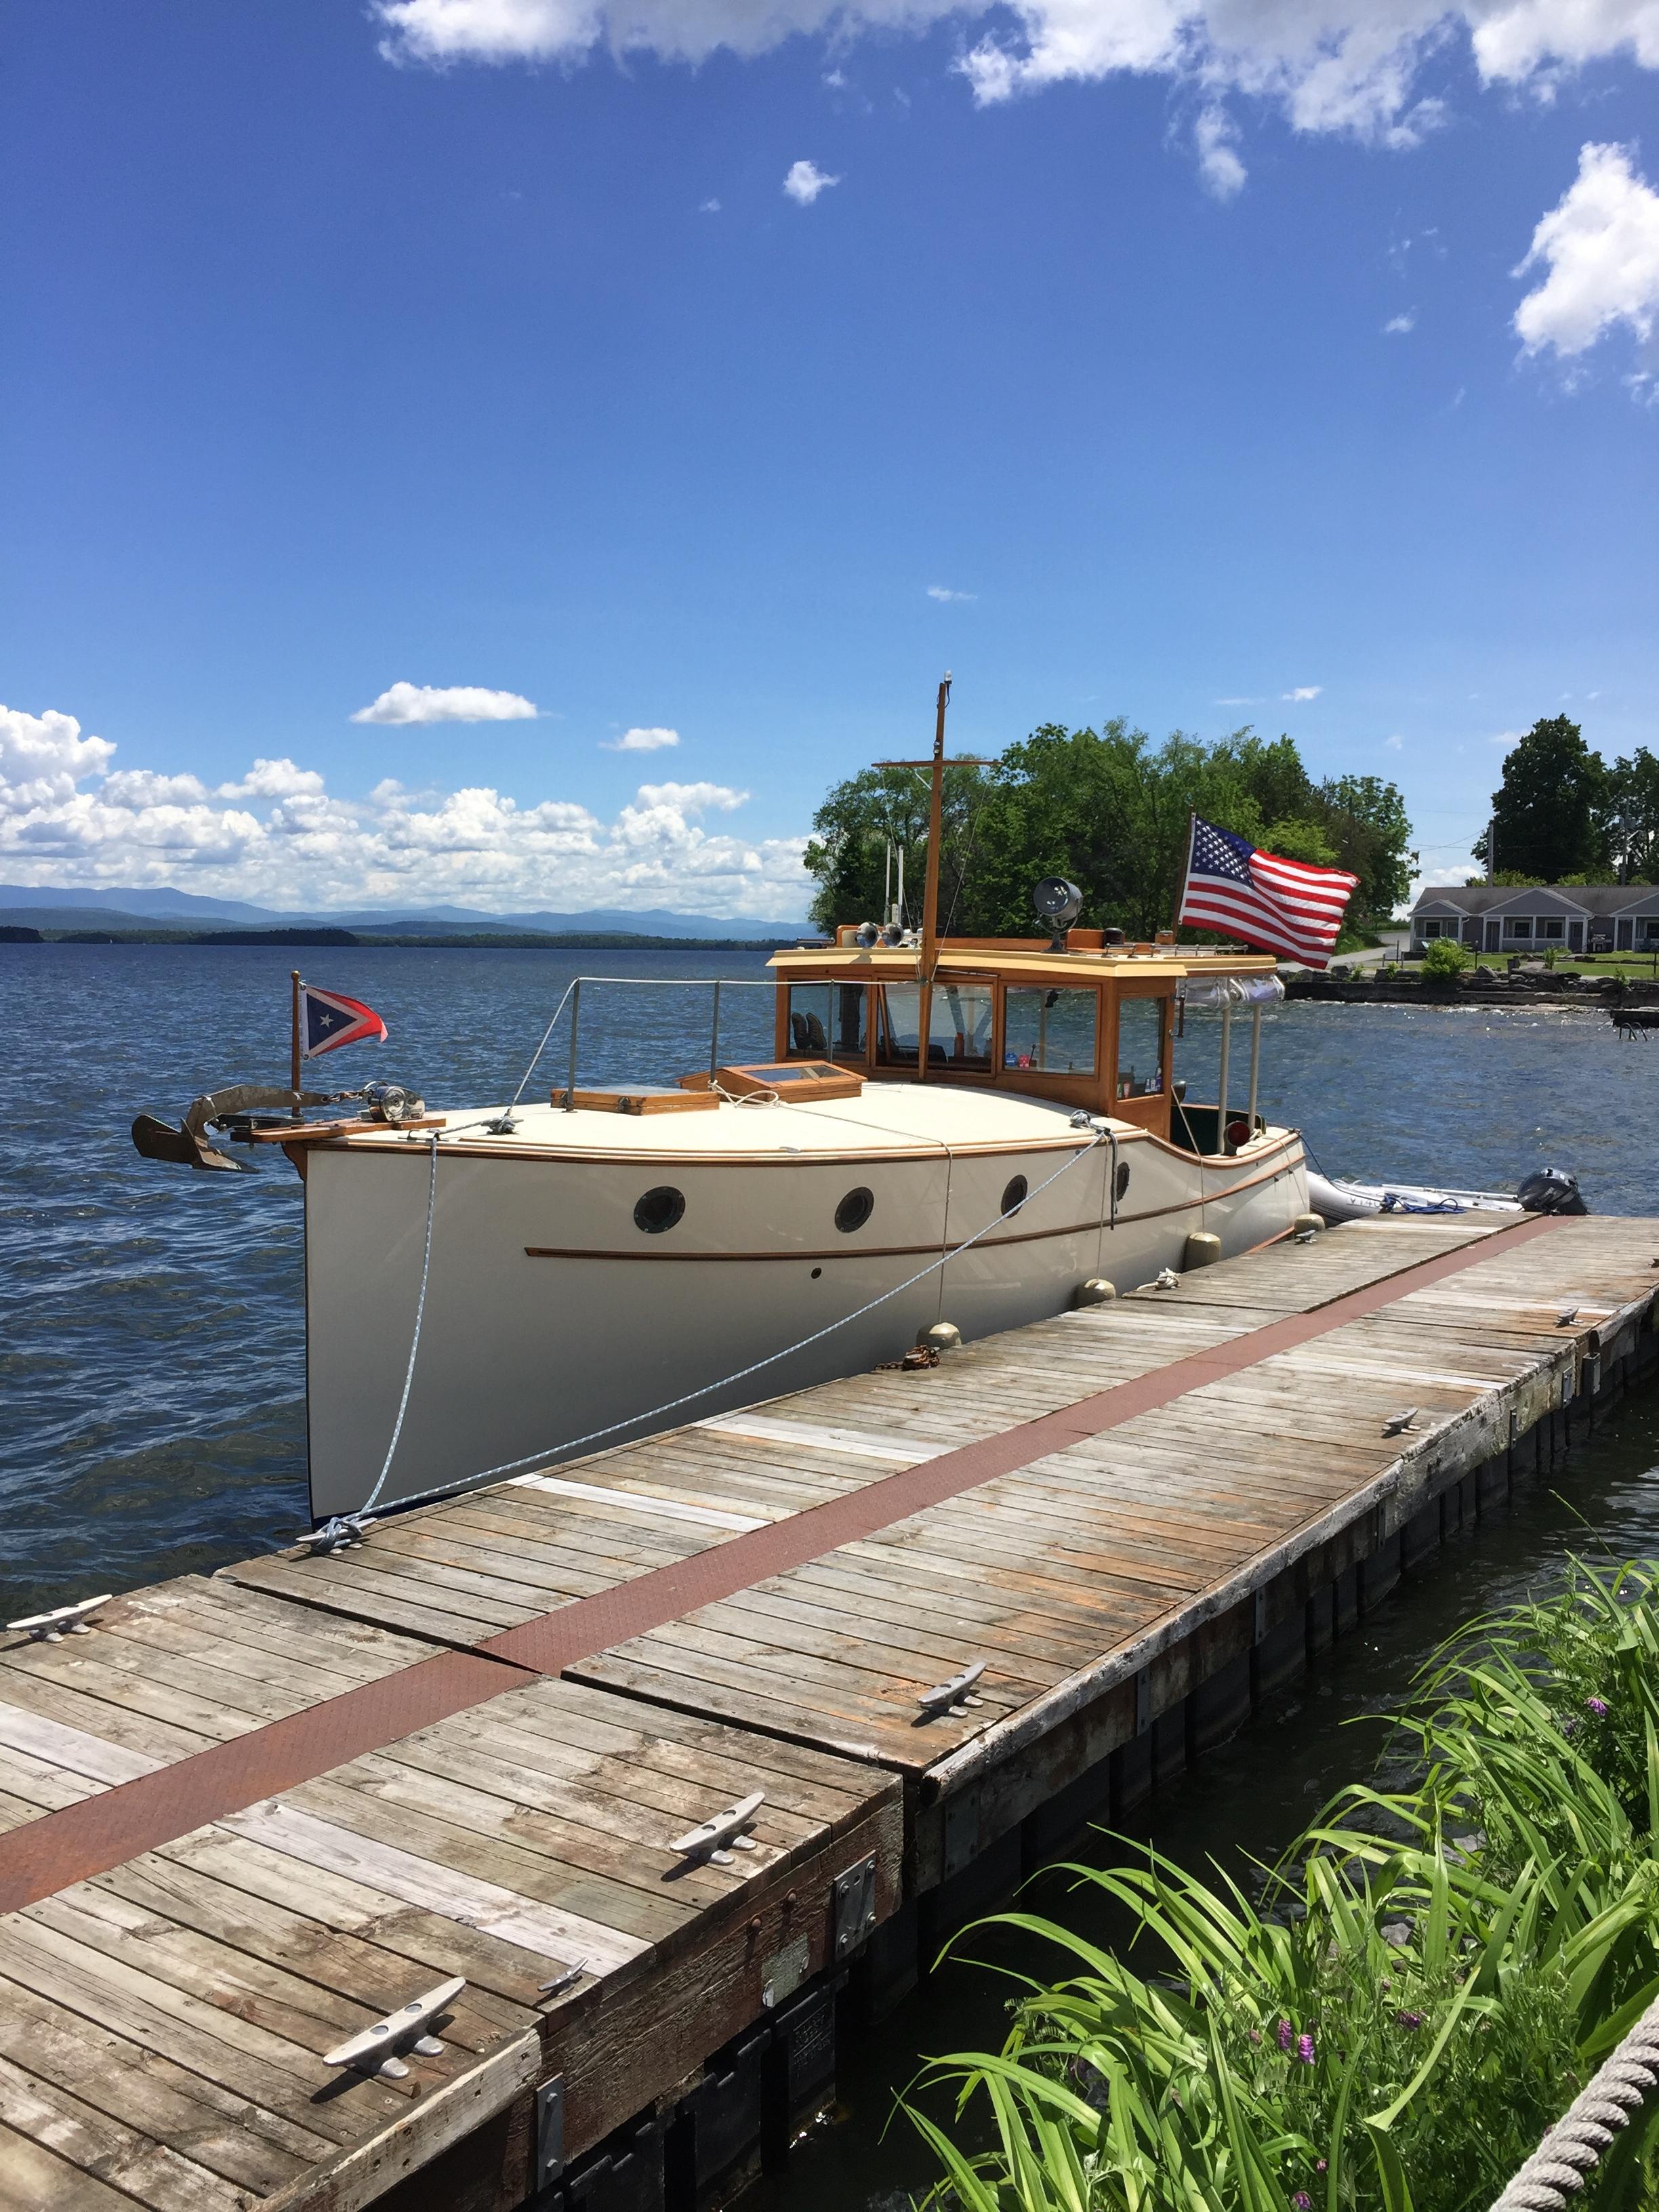 Bob Schumacher's Tranquility, a  1986 30' Express Yacht Scout